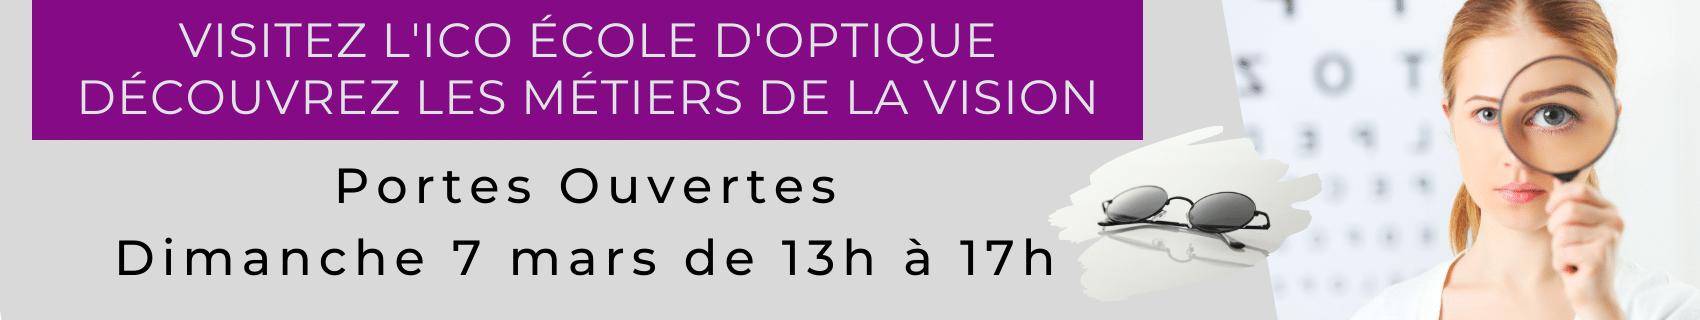 portes ouvertes à l'ICO école d'optique venez visiter le campus (lycée et résidence de logements)